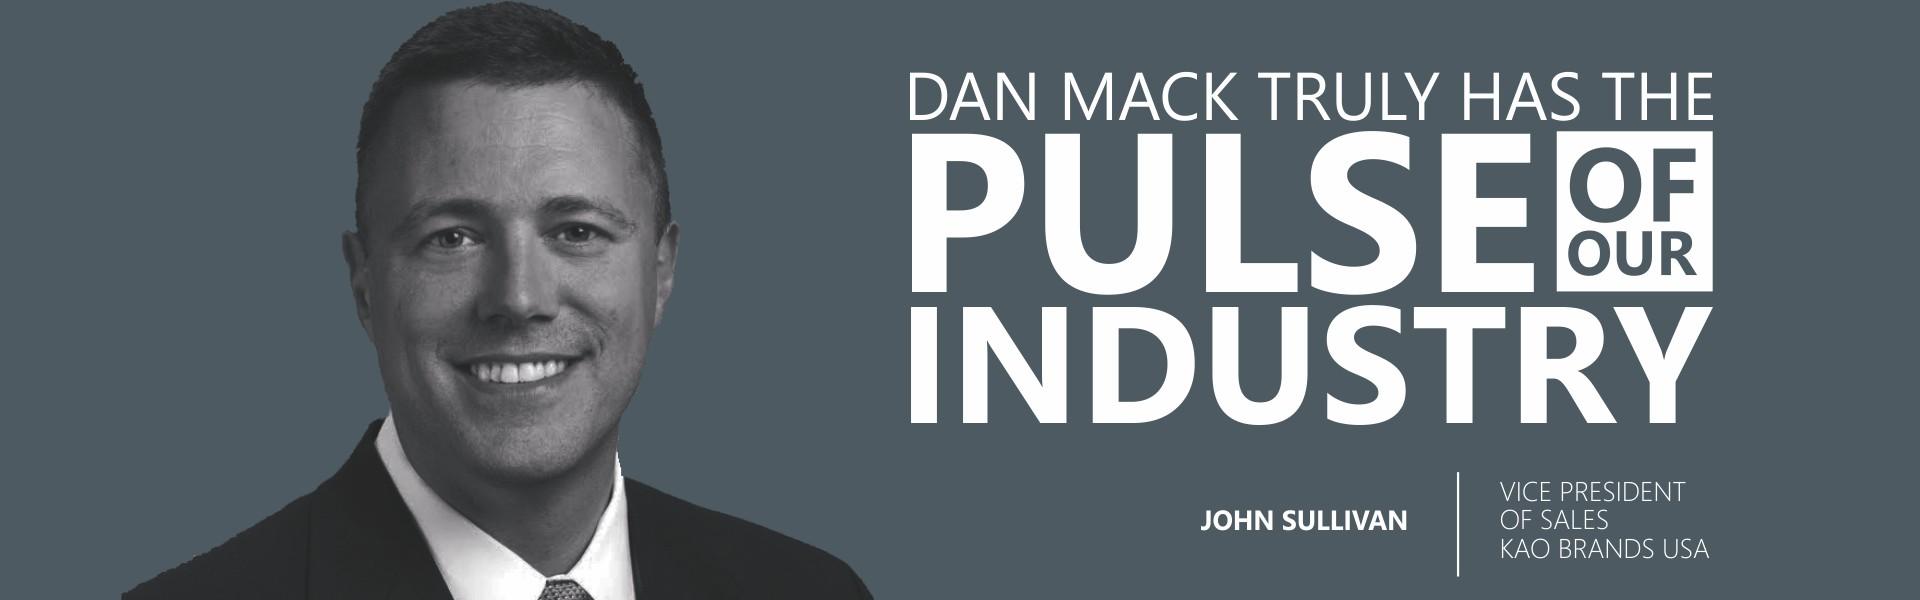 John Sullivan of KAO Brands USA on Dan Mack